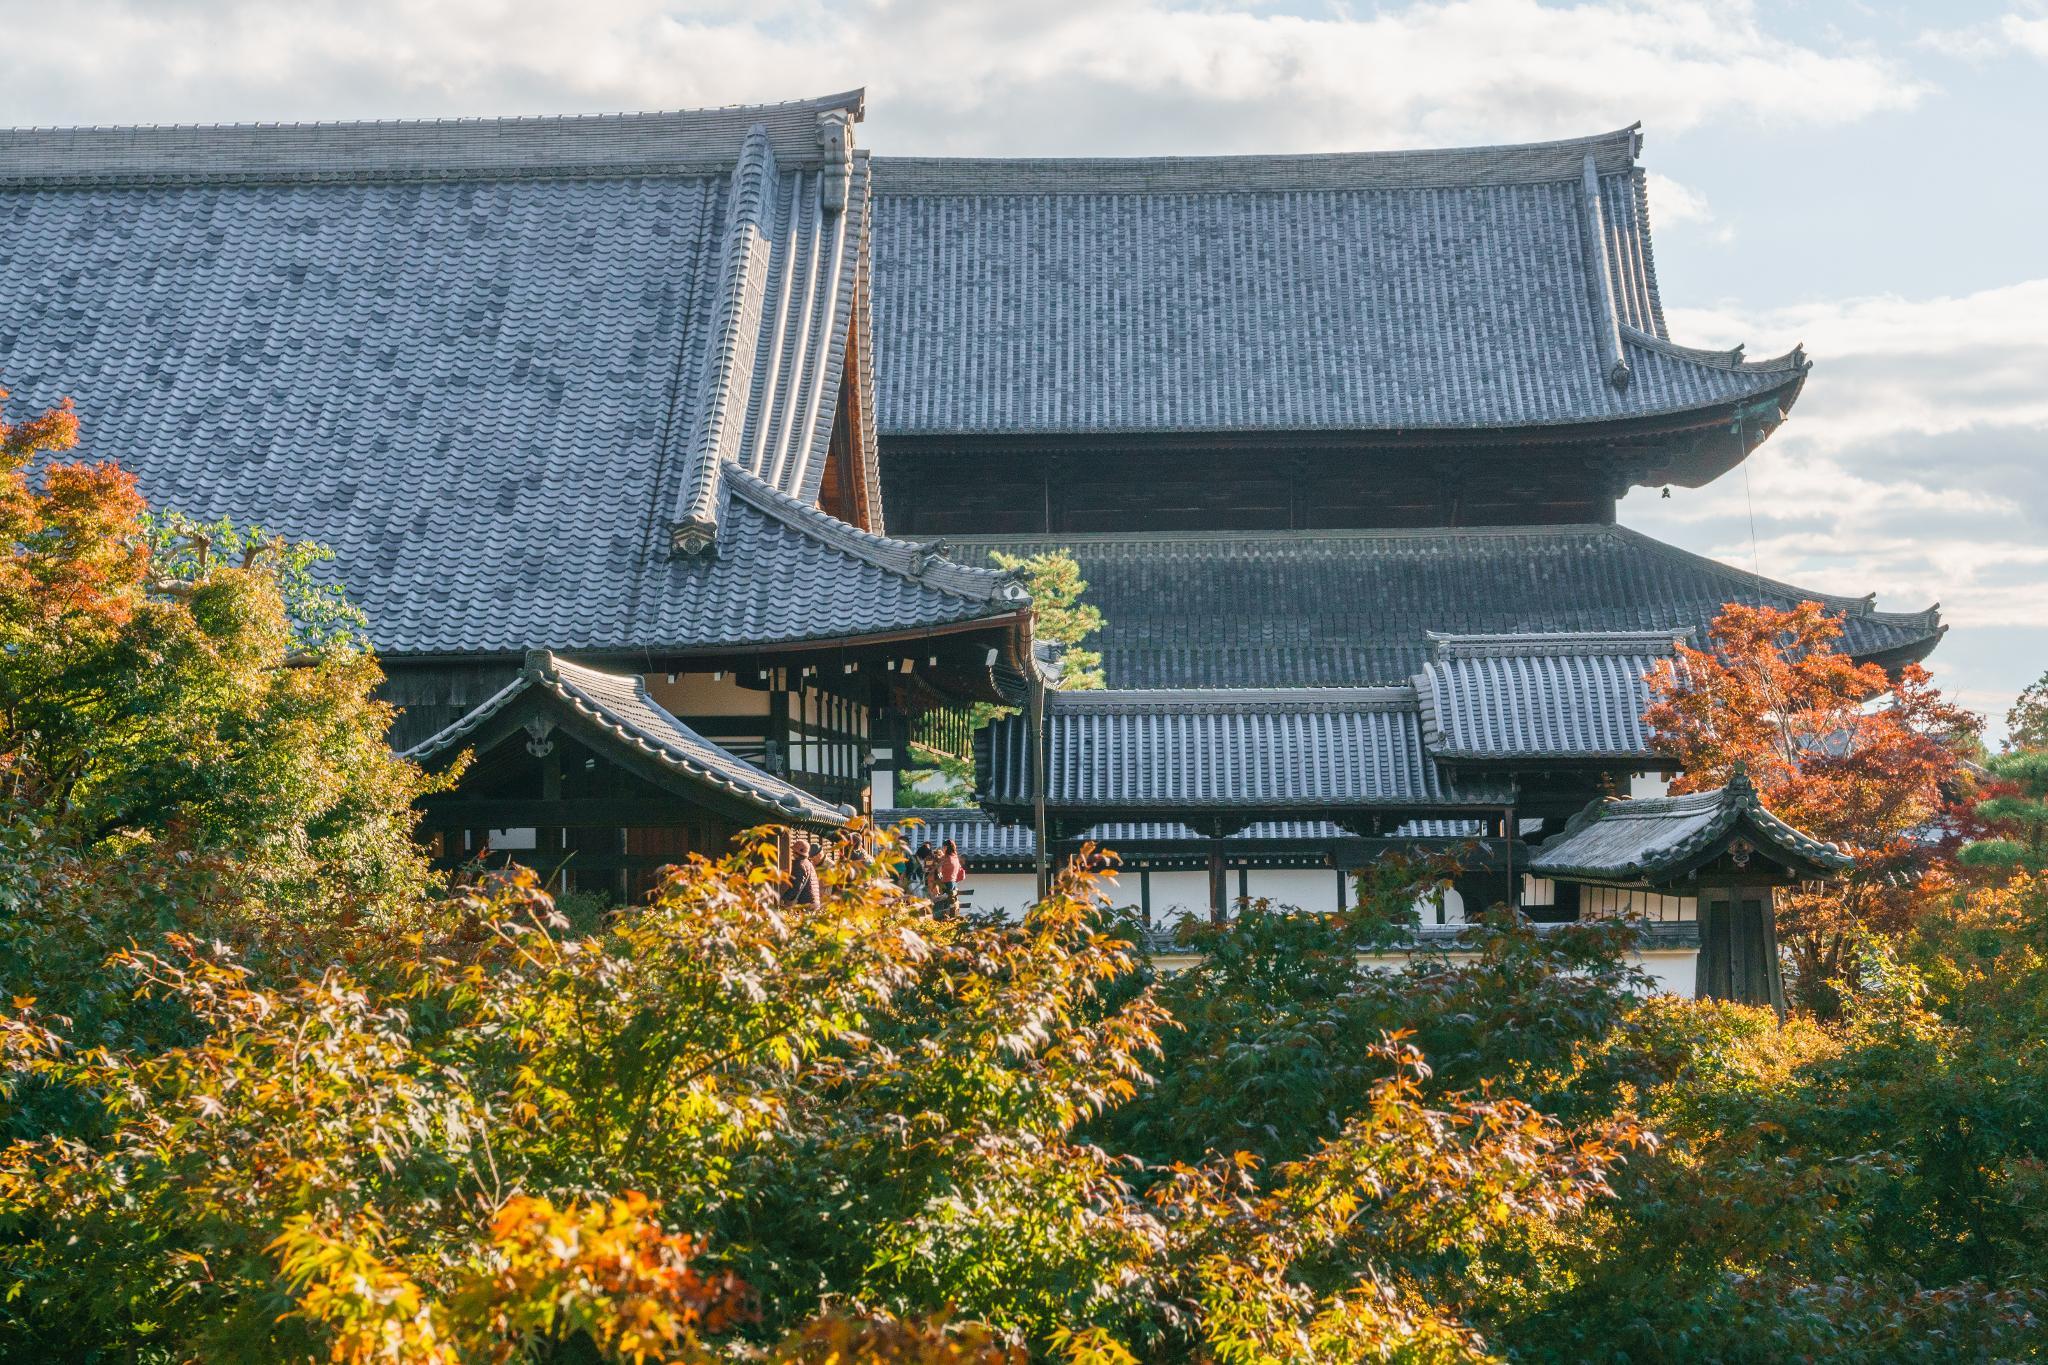 【京都】賞楓第一名所 - 楓葉之王 東福寺 74